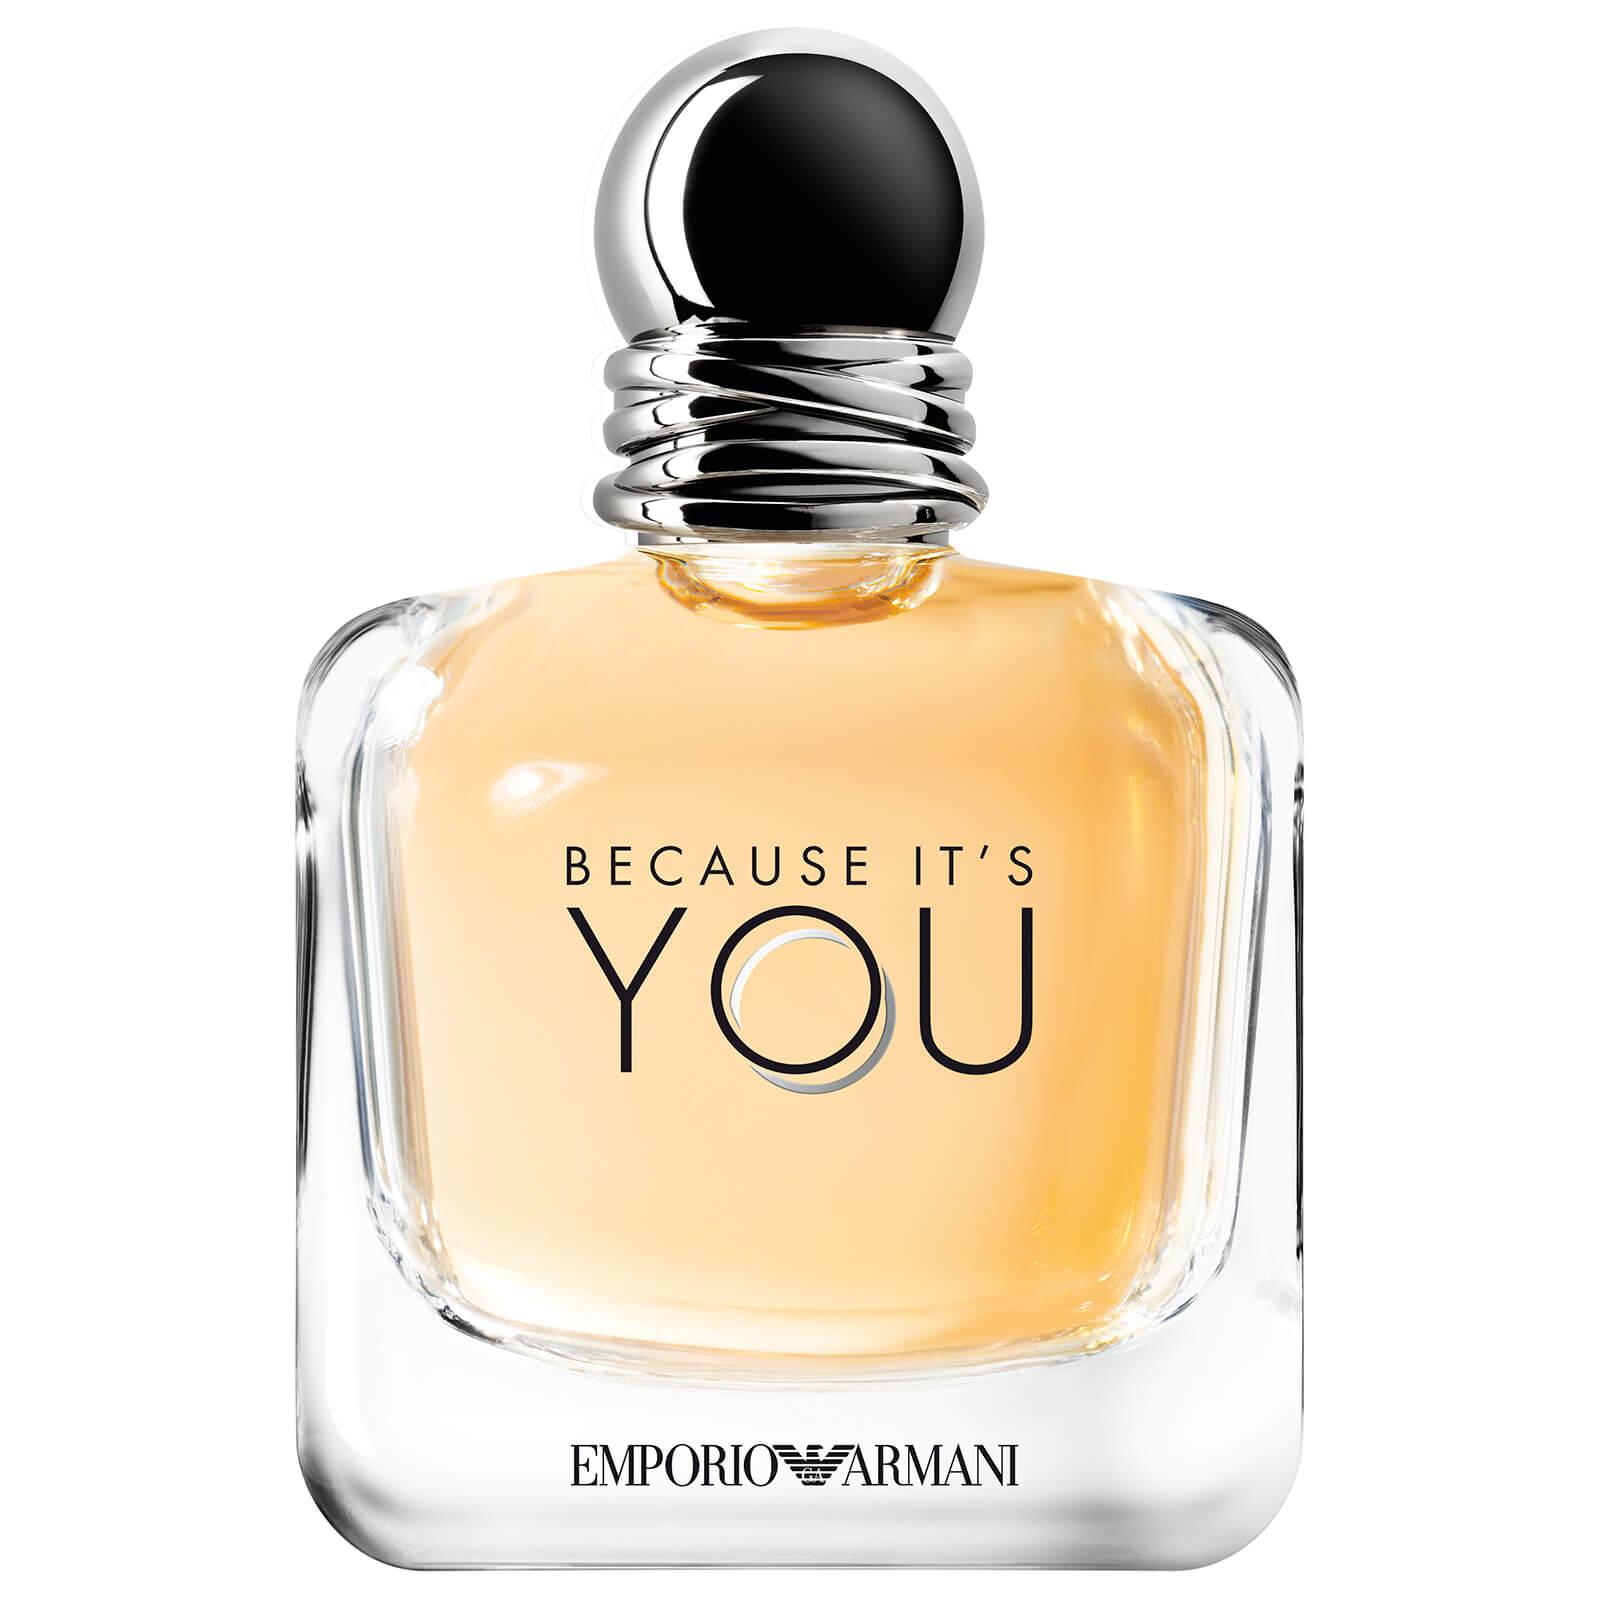 d7d4053ae73 Emporio Armani Because It s You Eau de Parfum 100ml